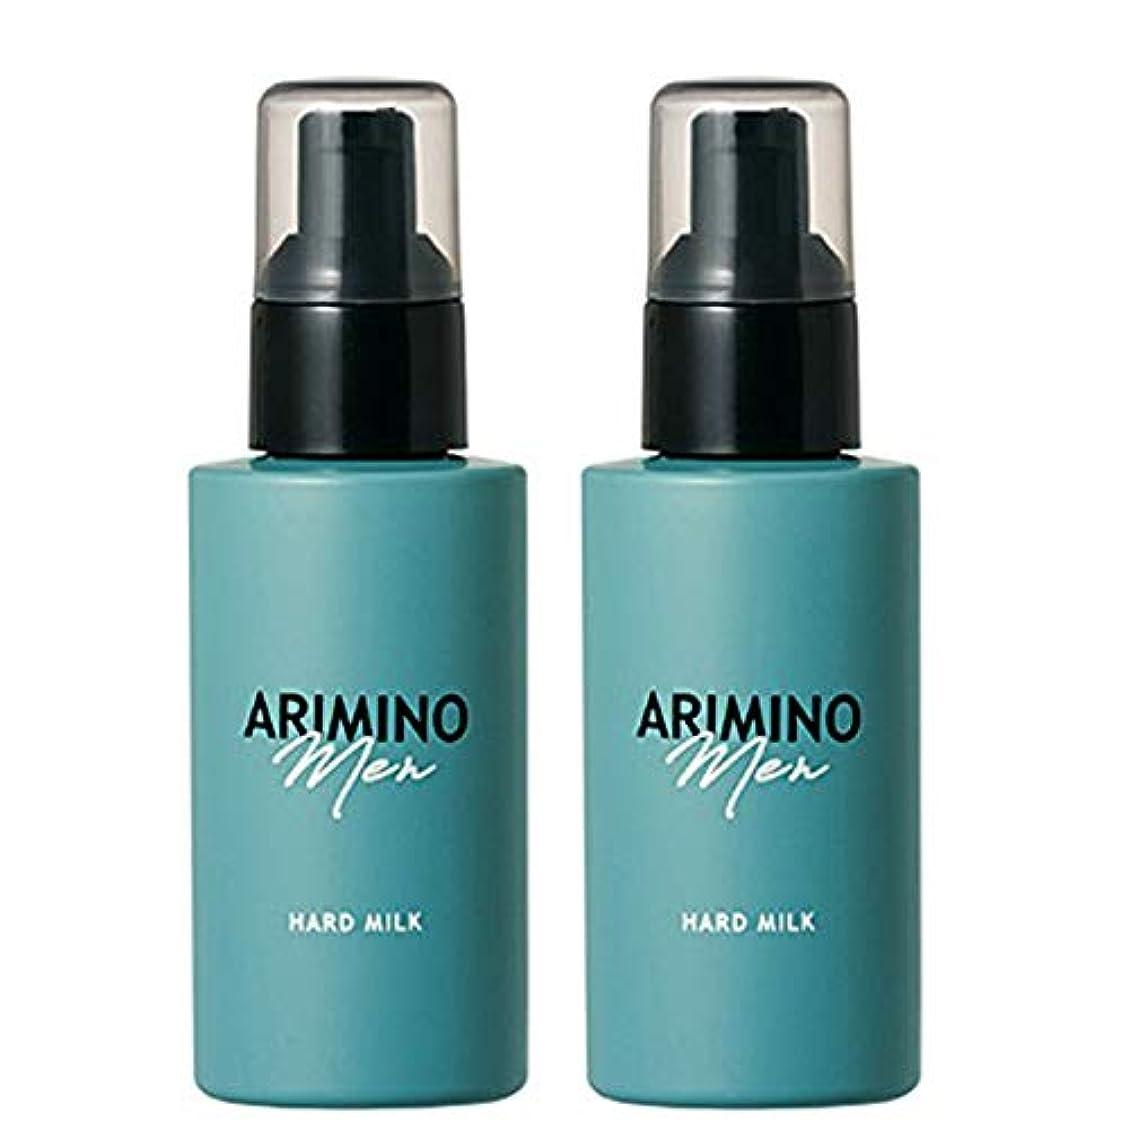 溶かすサポートラボアリミノ メン ハード ミルク 100g ×2個 セット arimino men